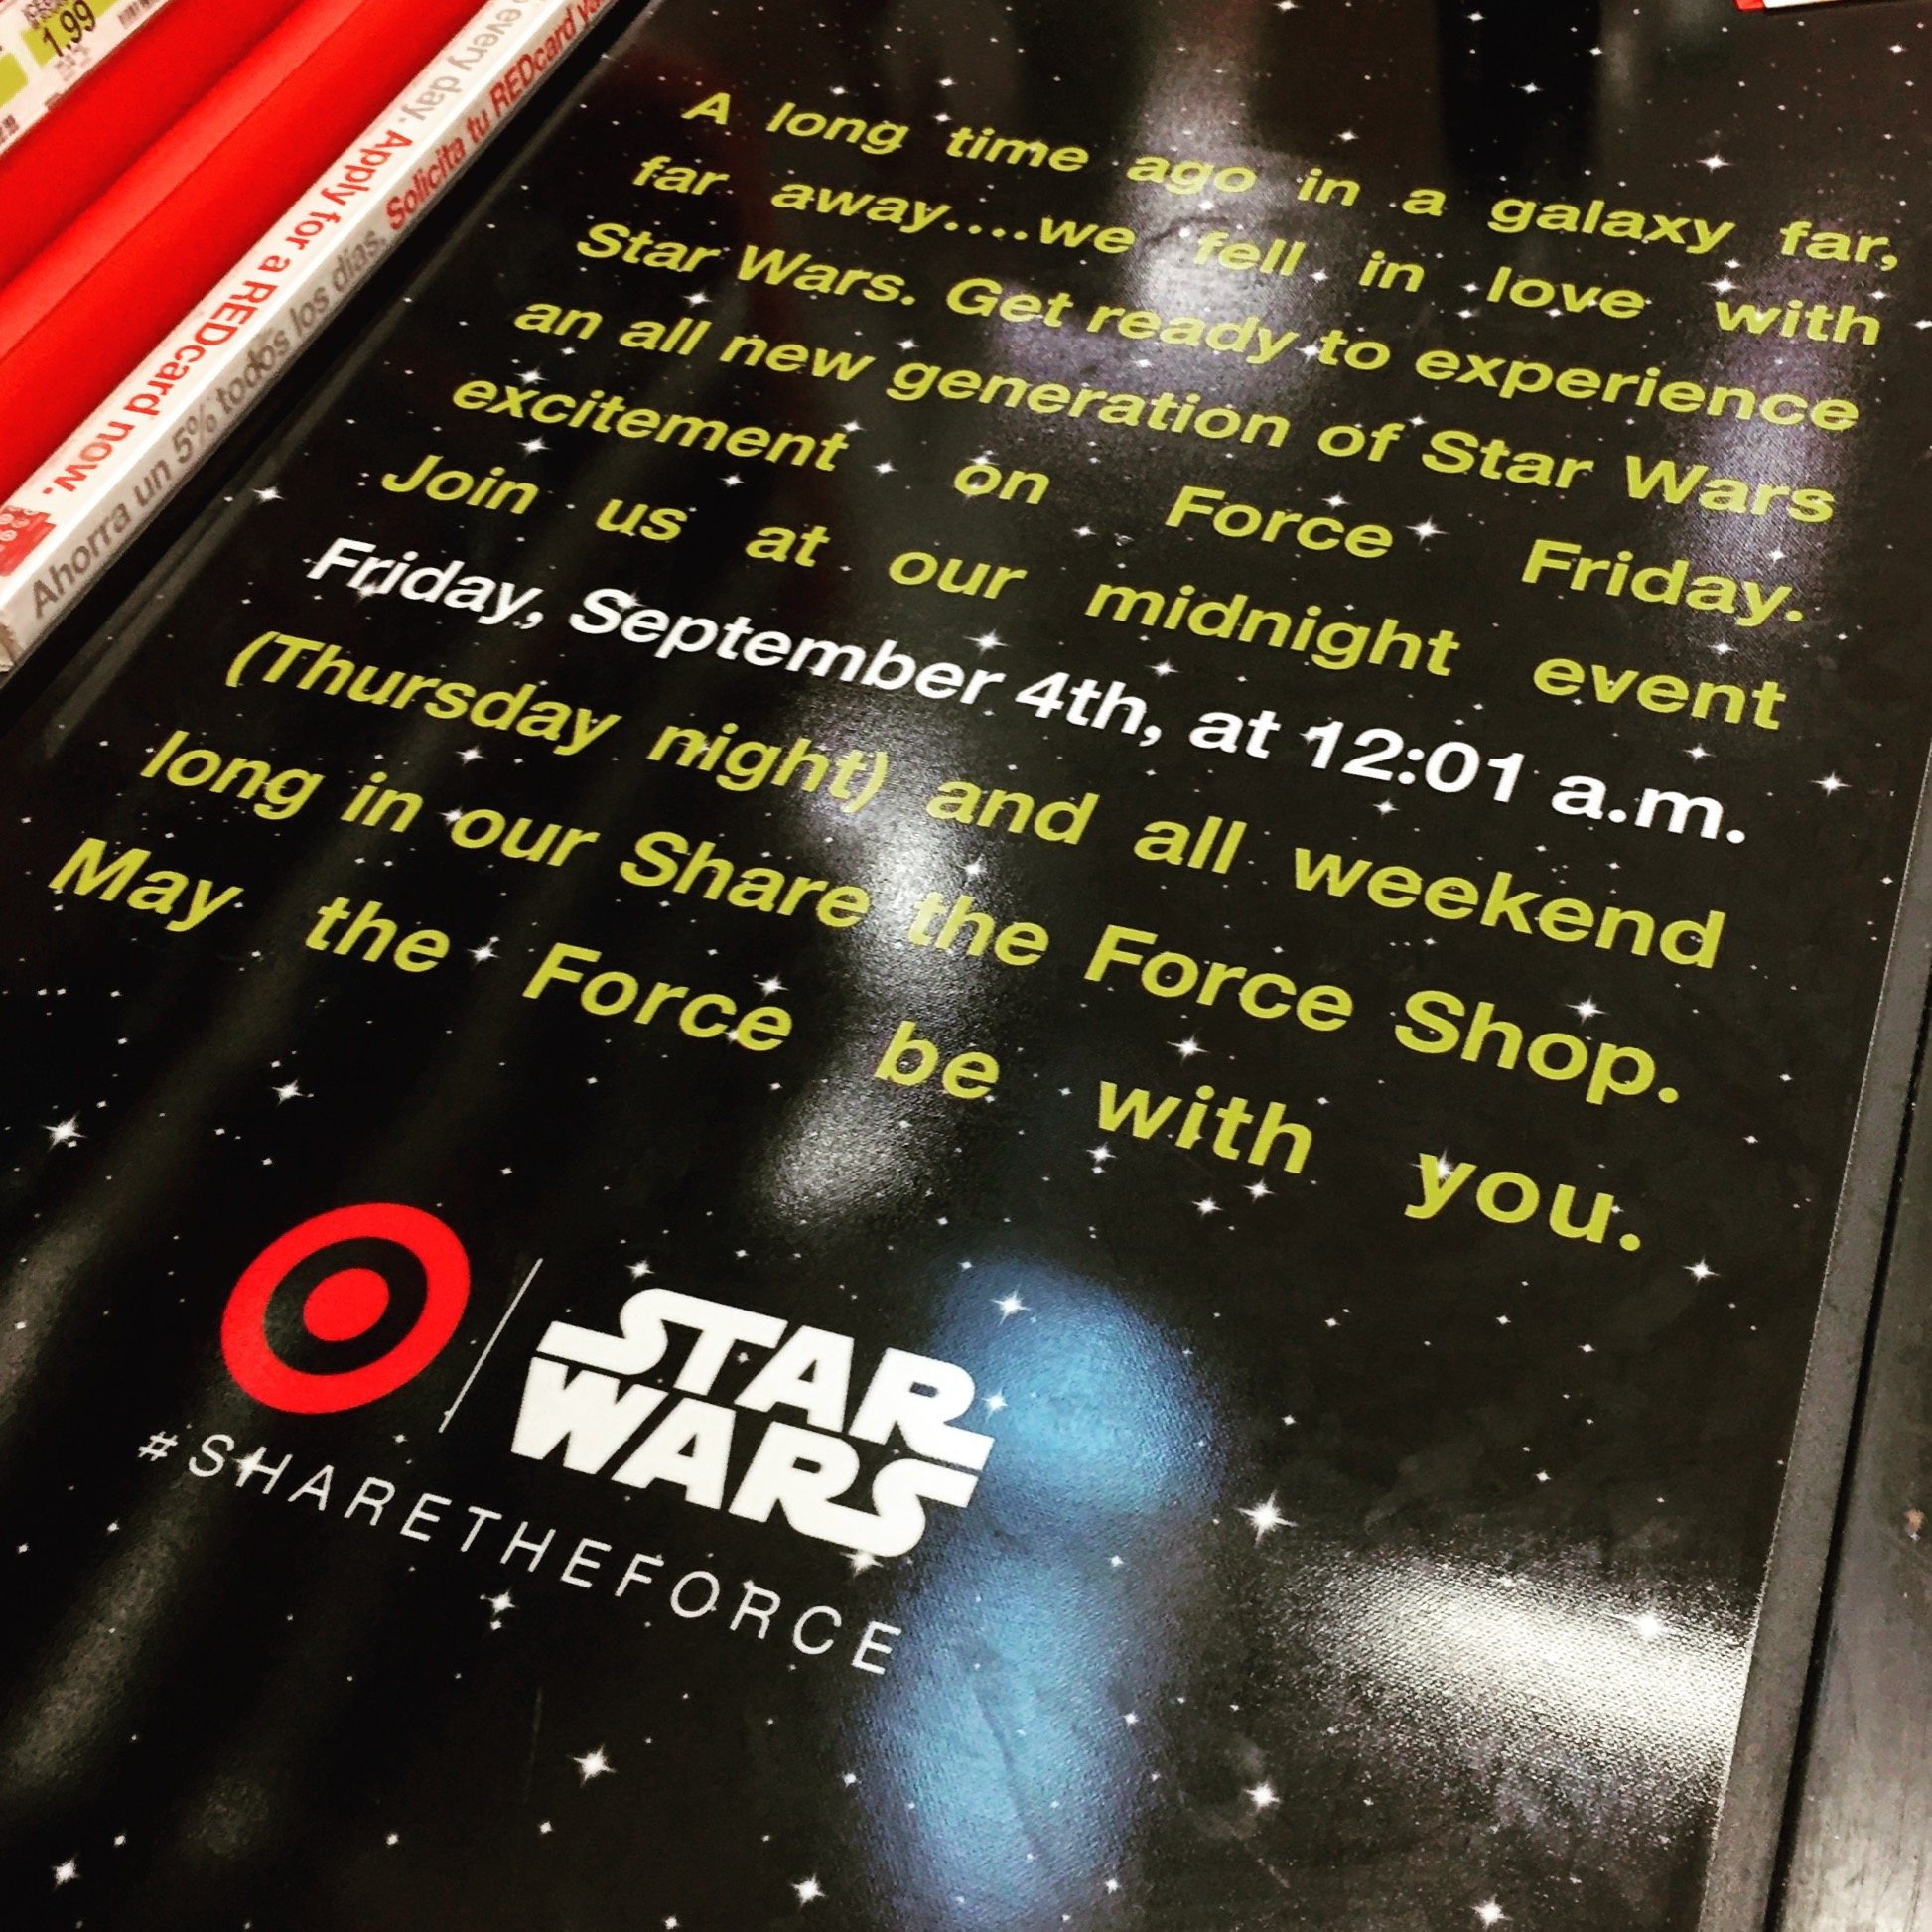 Star Wars Force Friday at Target